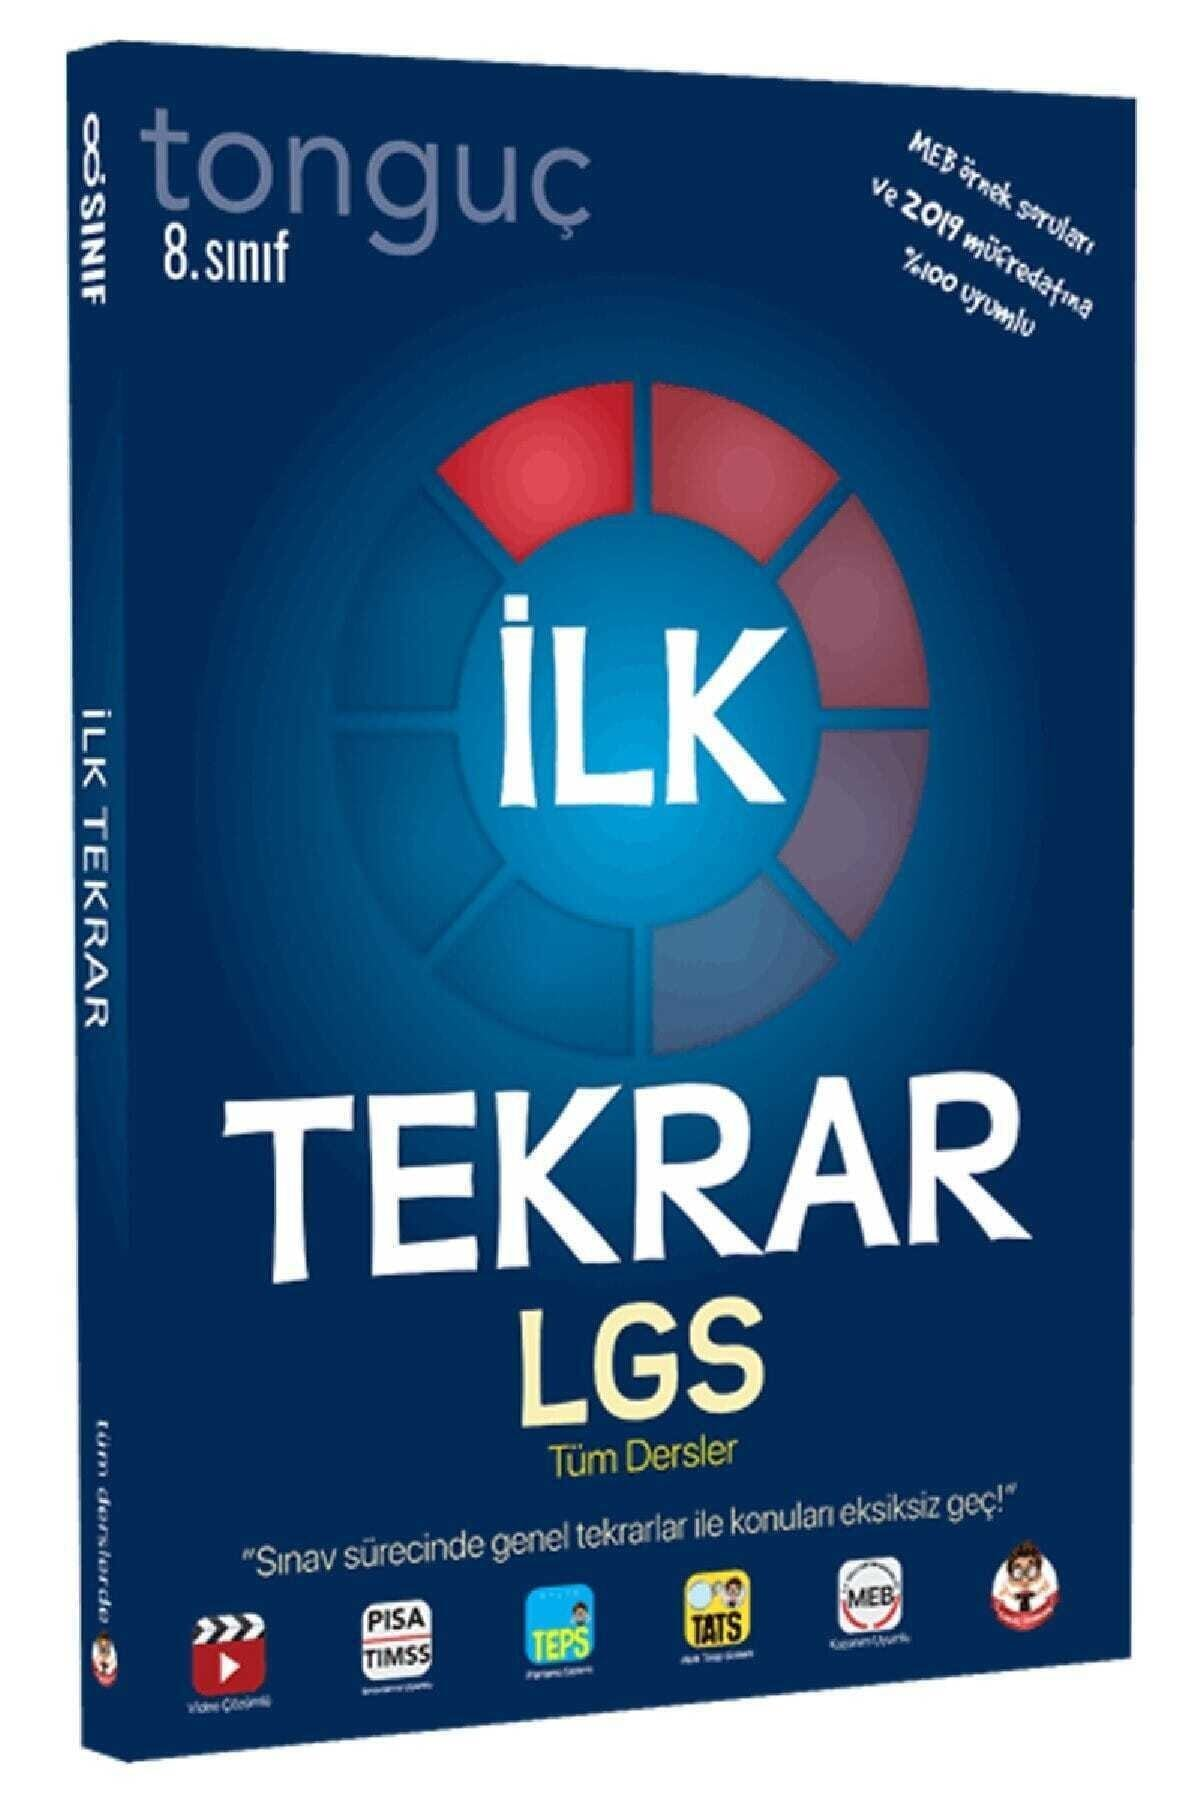 Tonguç Akademi Tonguç Yayınları 8. Sınıf 1. Dönem Lgs Ilk Tekrar Tüm Dersler Tonguç 1